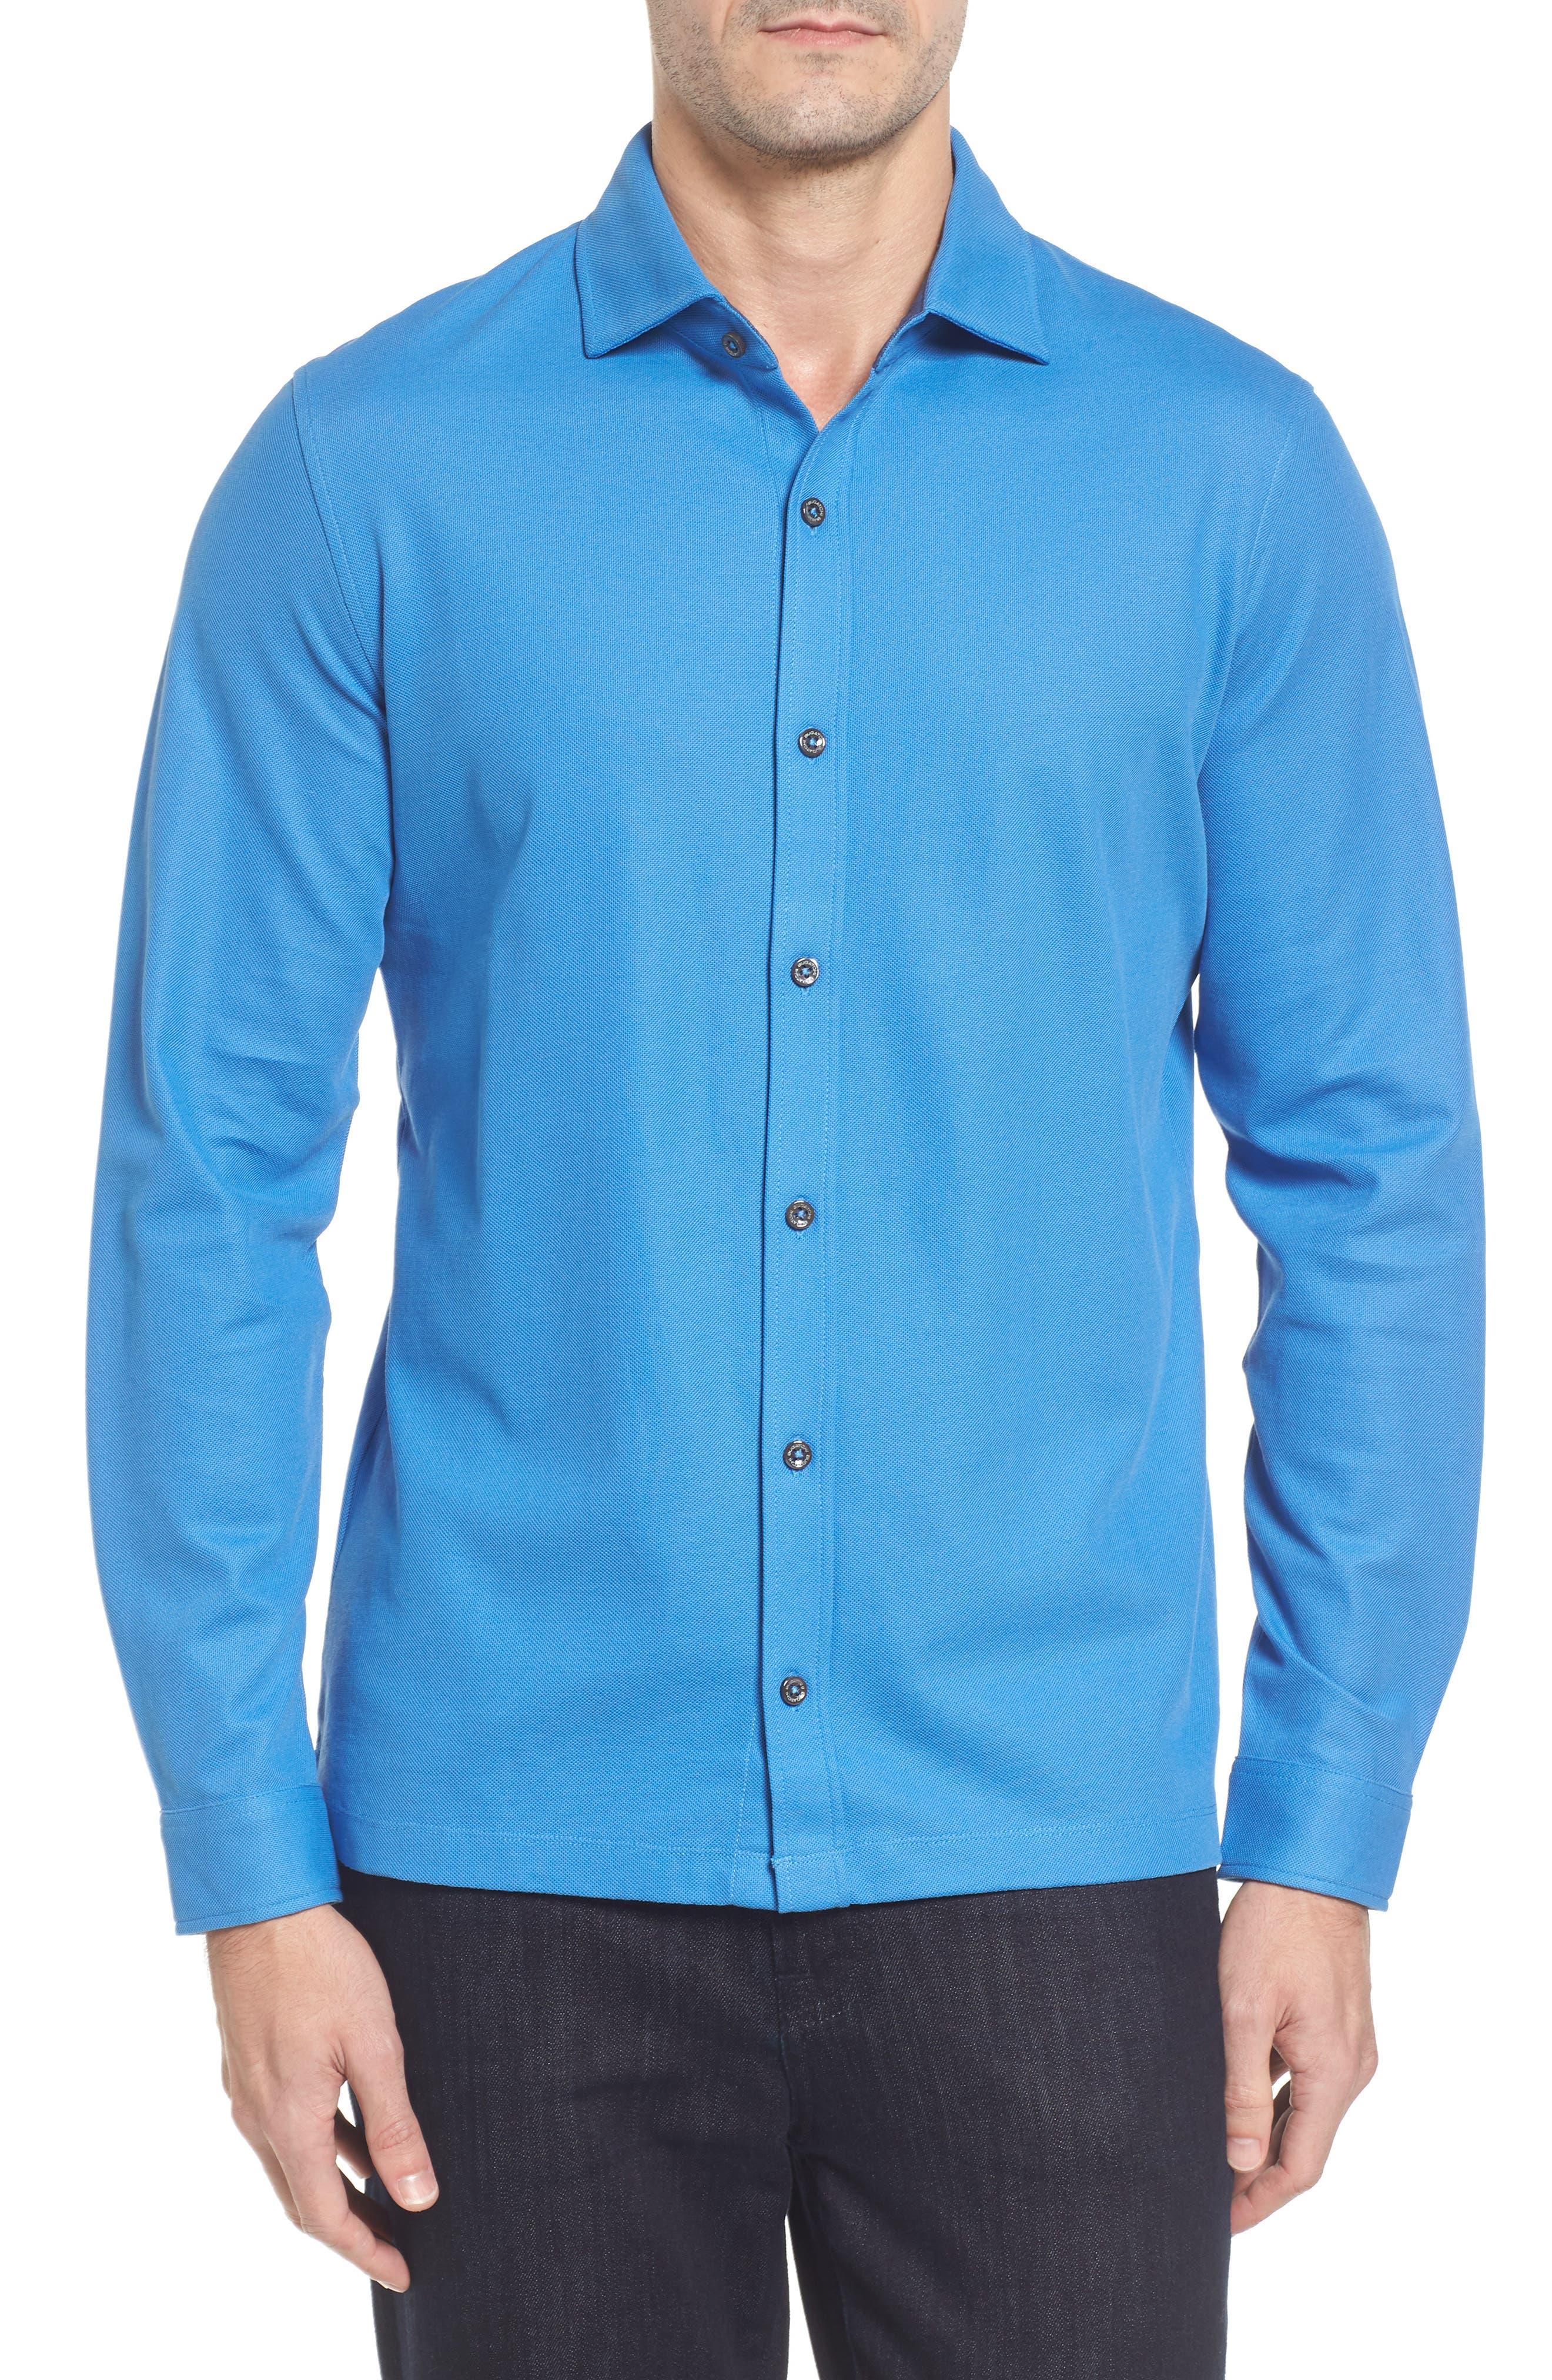 Classic Fit Piqué Knit Shirt,                             Main thumbnail 1, color,                             Classic Blue